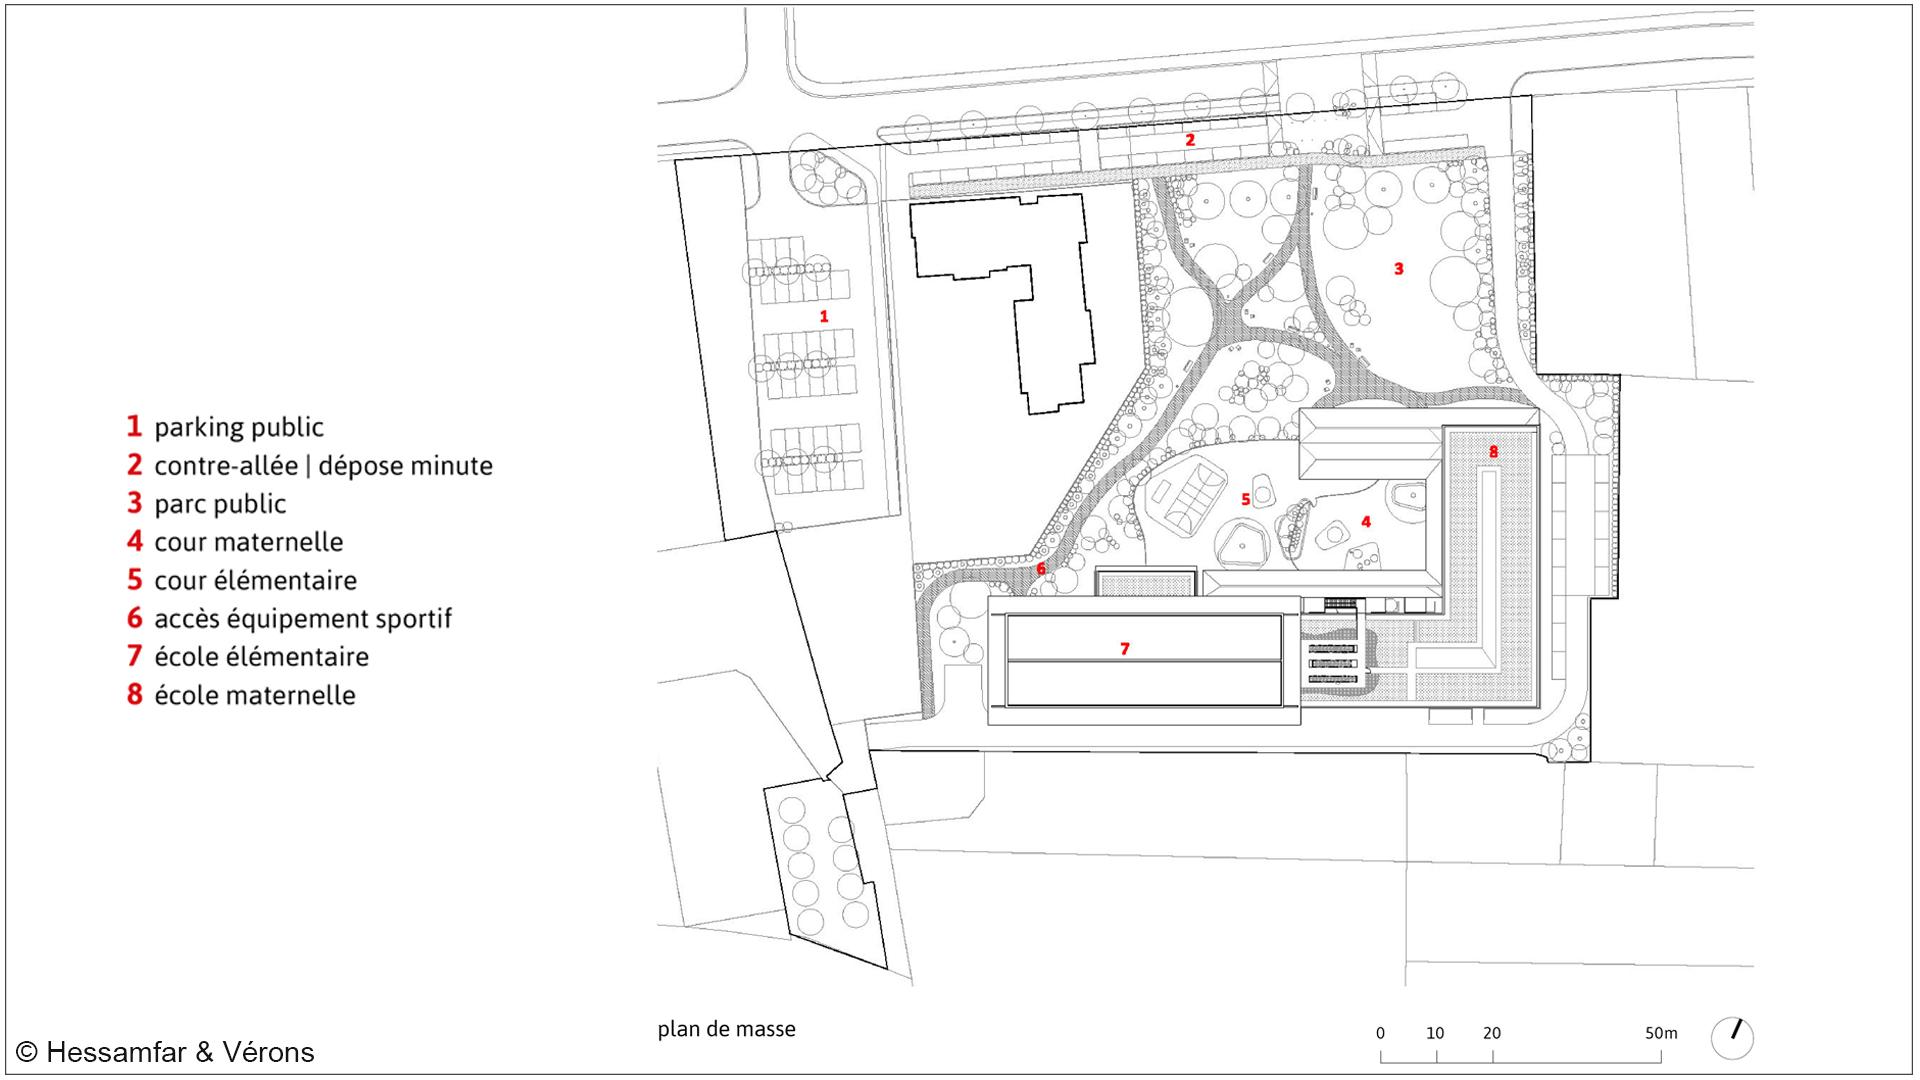 Plan masse Groupe scolaire Saint-Cyr sur Loire by Hessamfar & Vérons